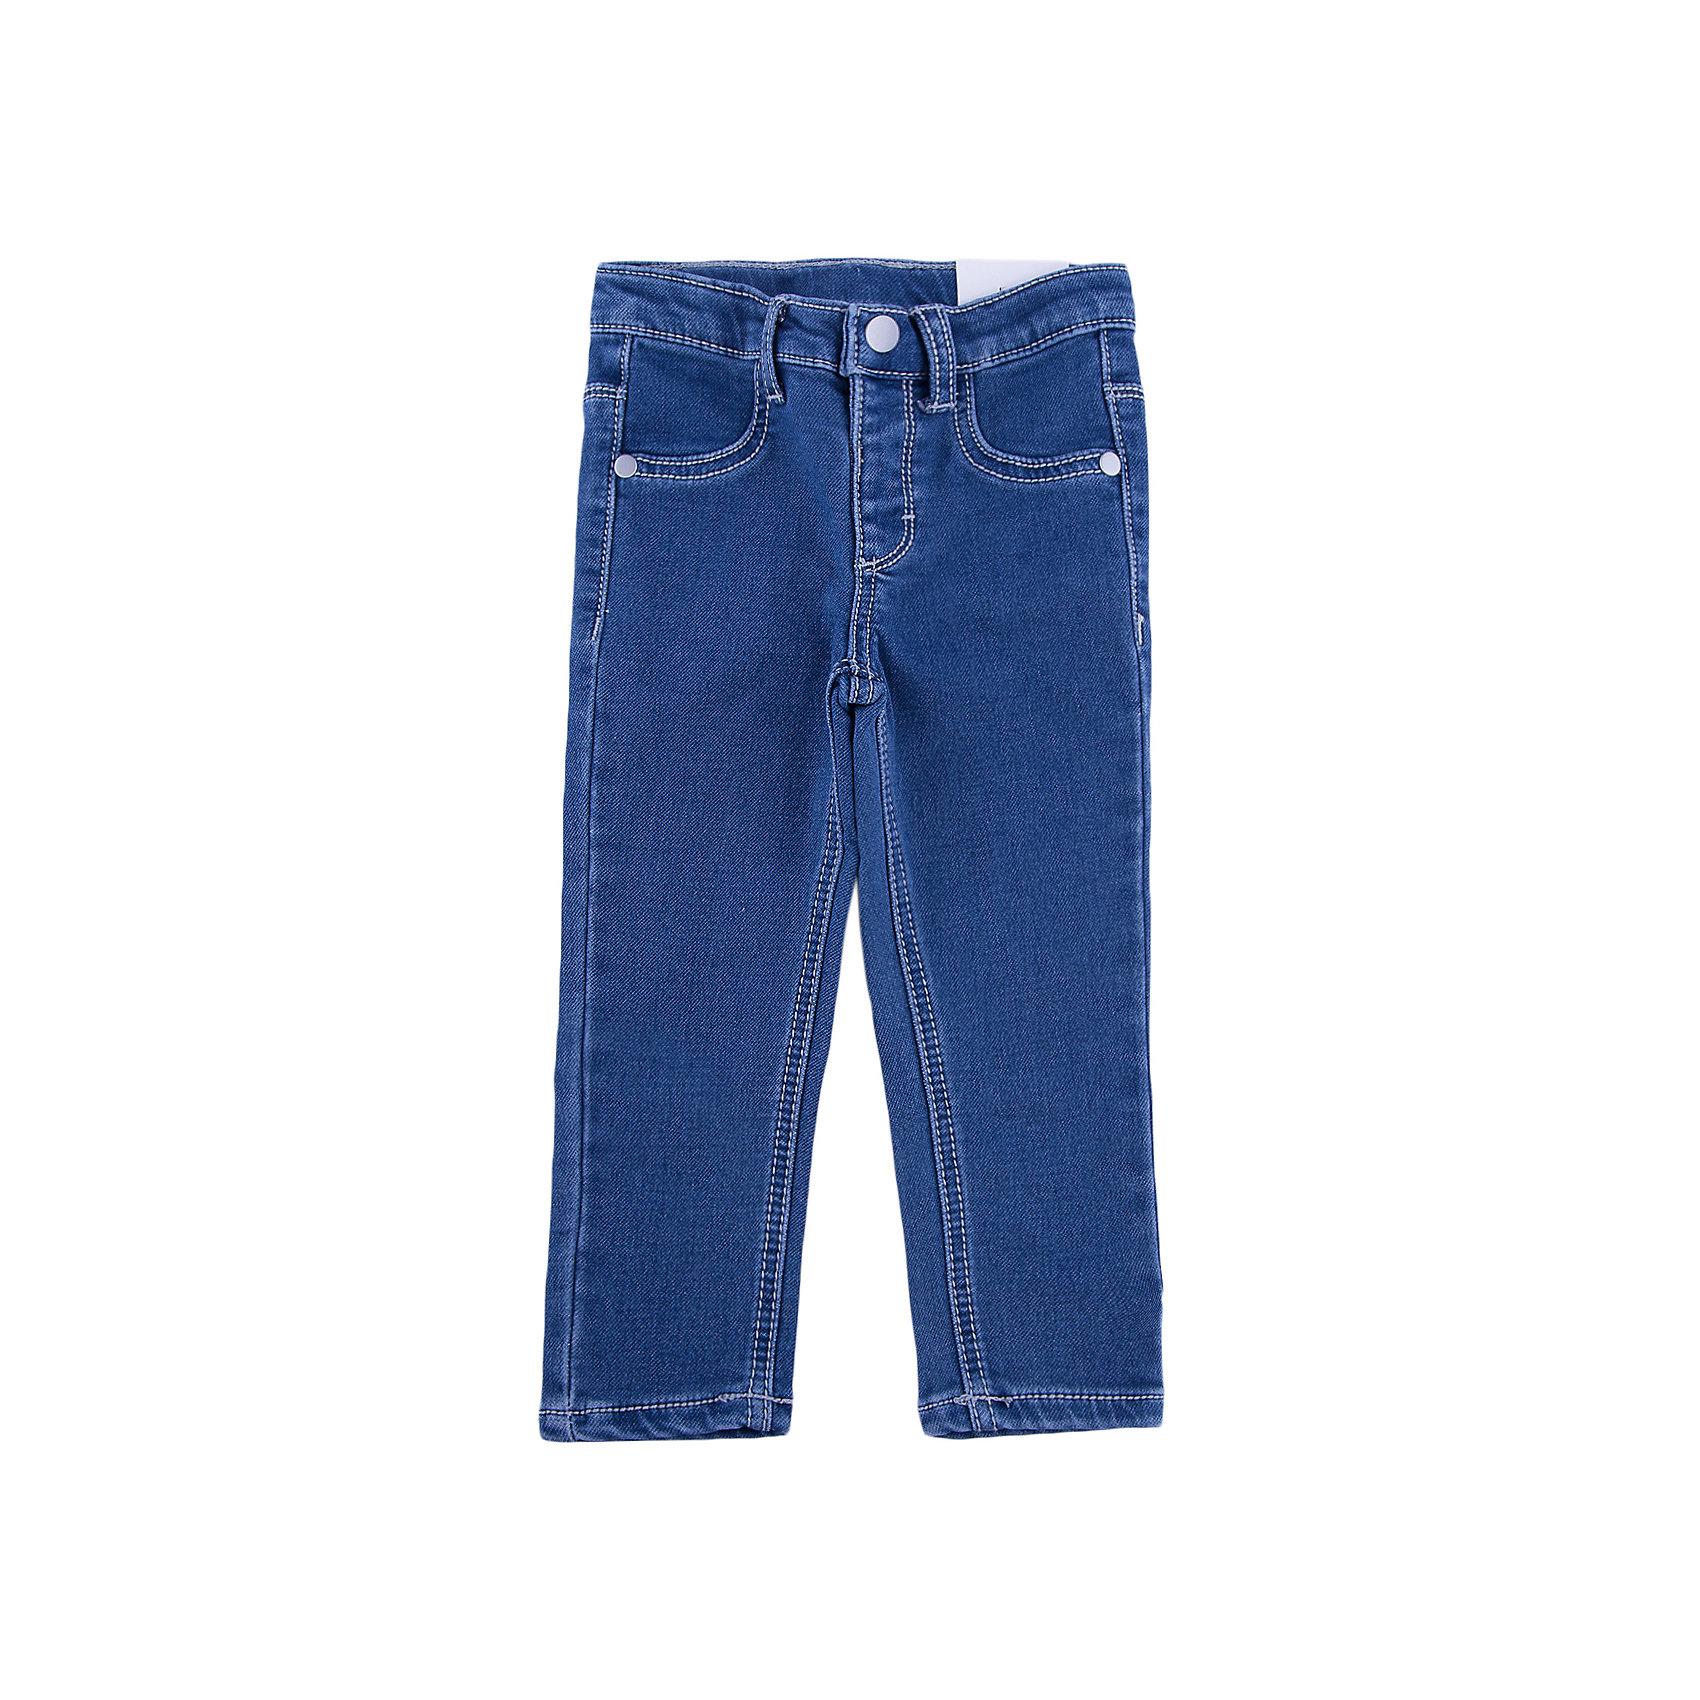 Джинсы для девочки PlayTodayДжинсы и брючки<br>Джинсы для девочки от известного бренда PlayToday.<br>Стильные джинсы из футера с имитацией денима. Застегиваются на кнопку. Пояс эластичный, есть шлевки для ремня. Спереди имитация кармашков, сзади два функциональных кармана с вышивкой.<br>Состав:<br>78% хлопок, 20% полиэстер, 2% эластан<br><br>Ширина мм: 157<br>Глубина мм: 13<br>Высота мм: 119<br>Вес г: 200<br>Цвет: синий<br>Возраст от месяцев: 12<br>Возраст до месяцев: 15<br>Пол: Женский<br>Возраст: Детский<br>Размер: 80,86,74,92<br>SKU: 4900539